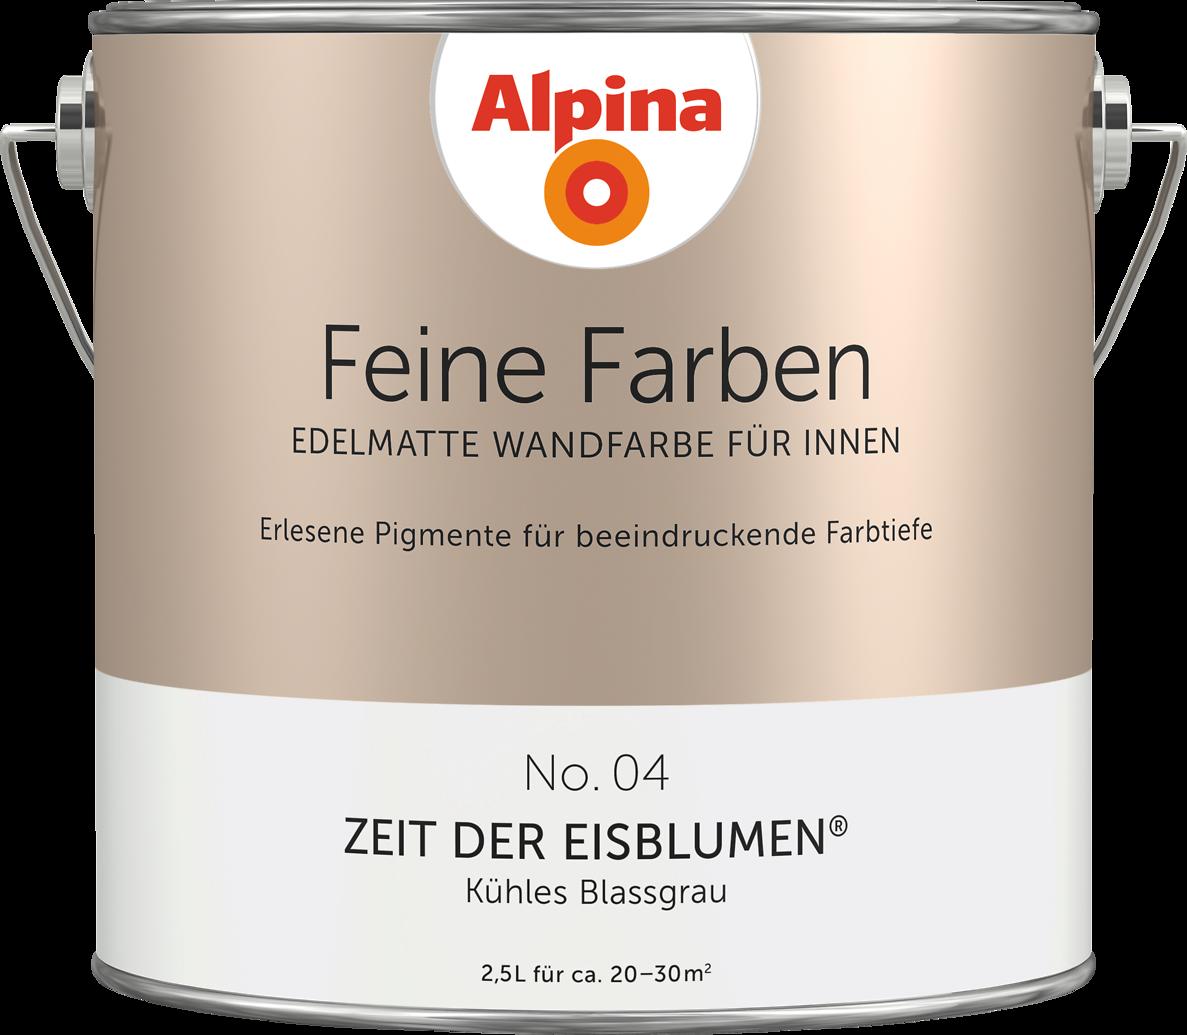 Premium-Wandfarbe. Grau, Blassgrau: Alpina Feine Farben